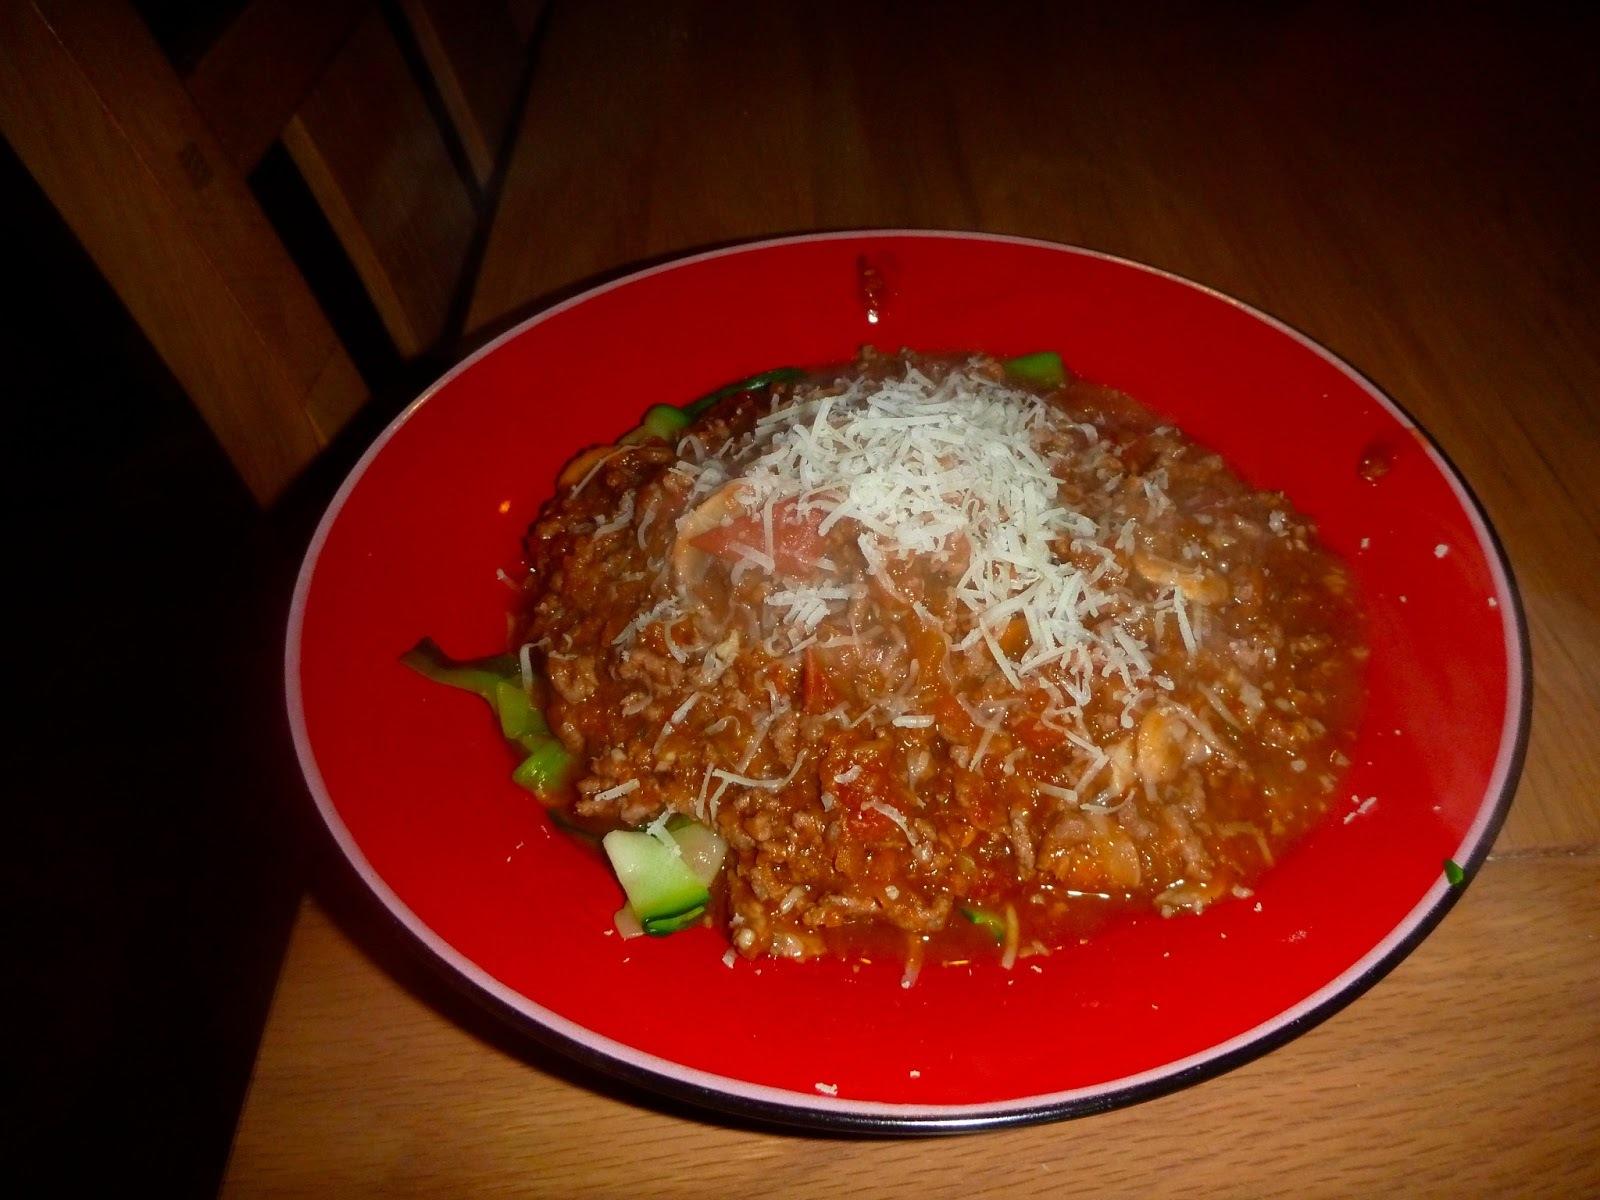 quorn pasta bolognese